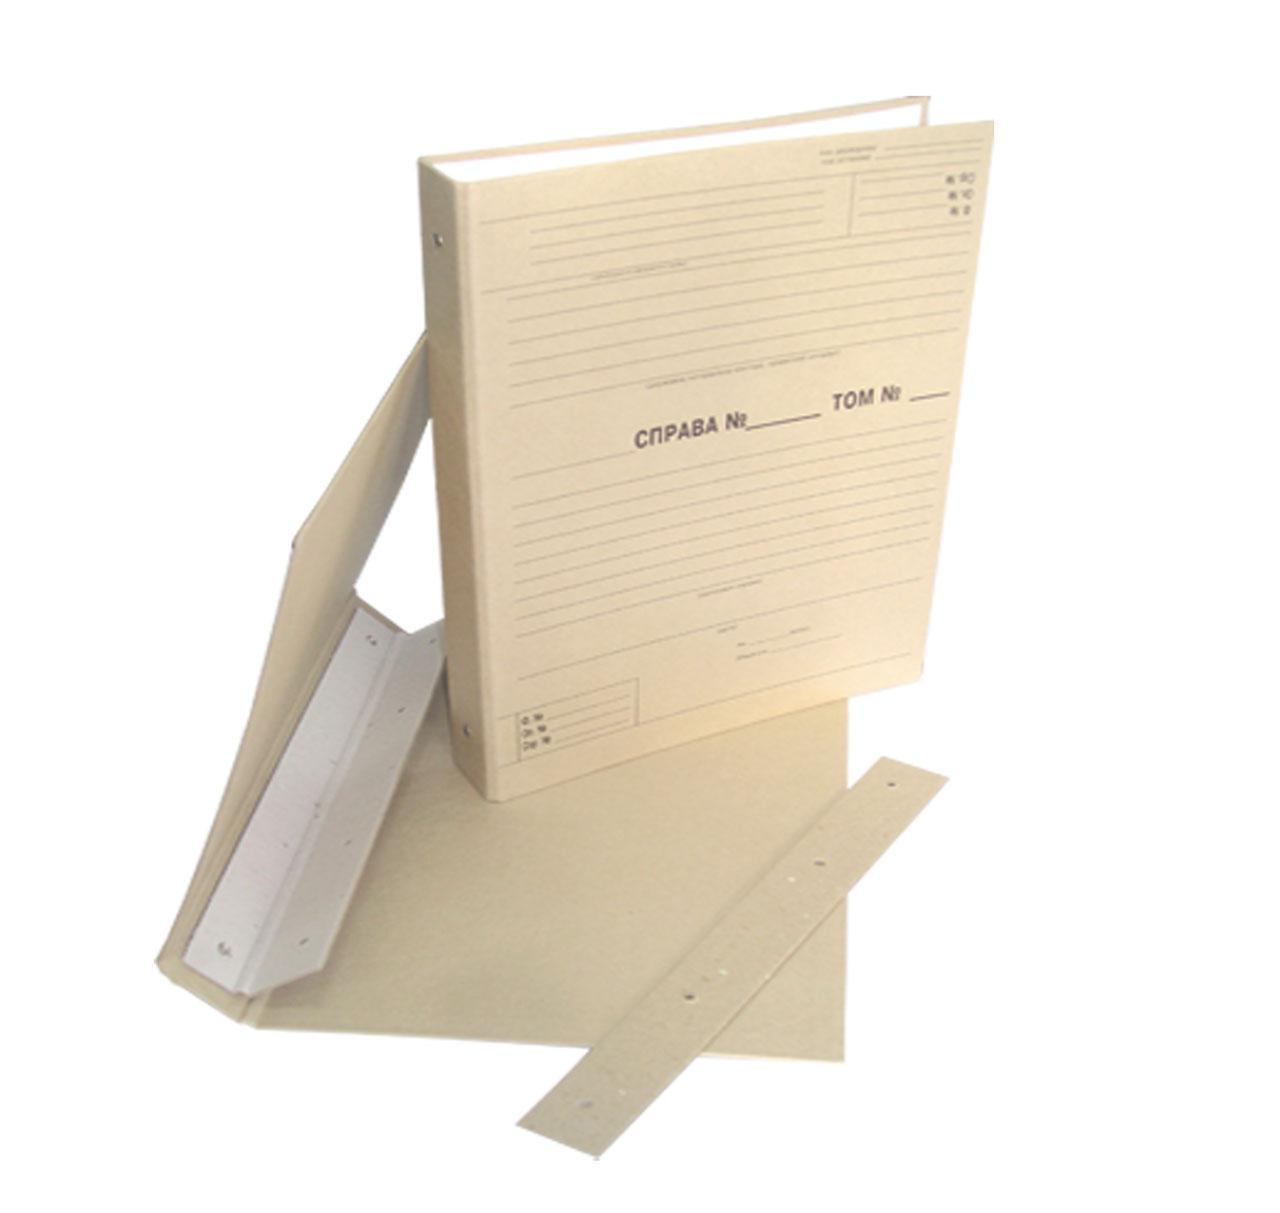 Папка архивная для нотариуса 40мм - Перспектива Славутич ЧП в Славутиче